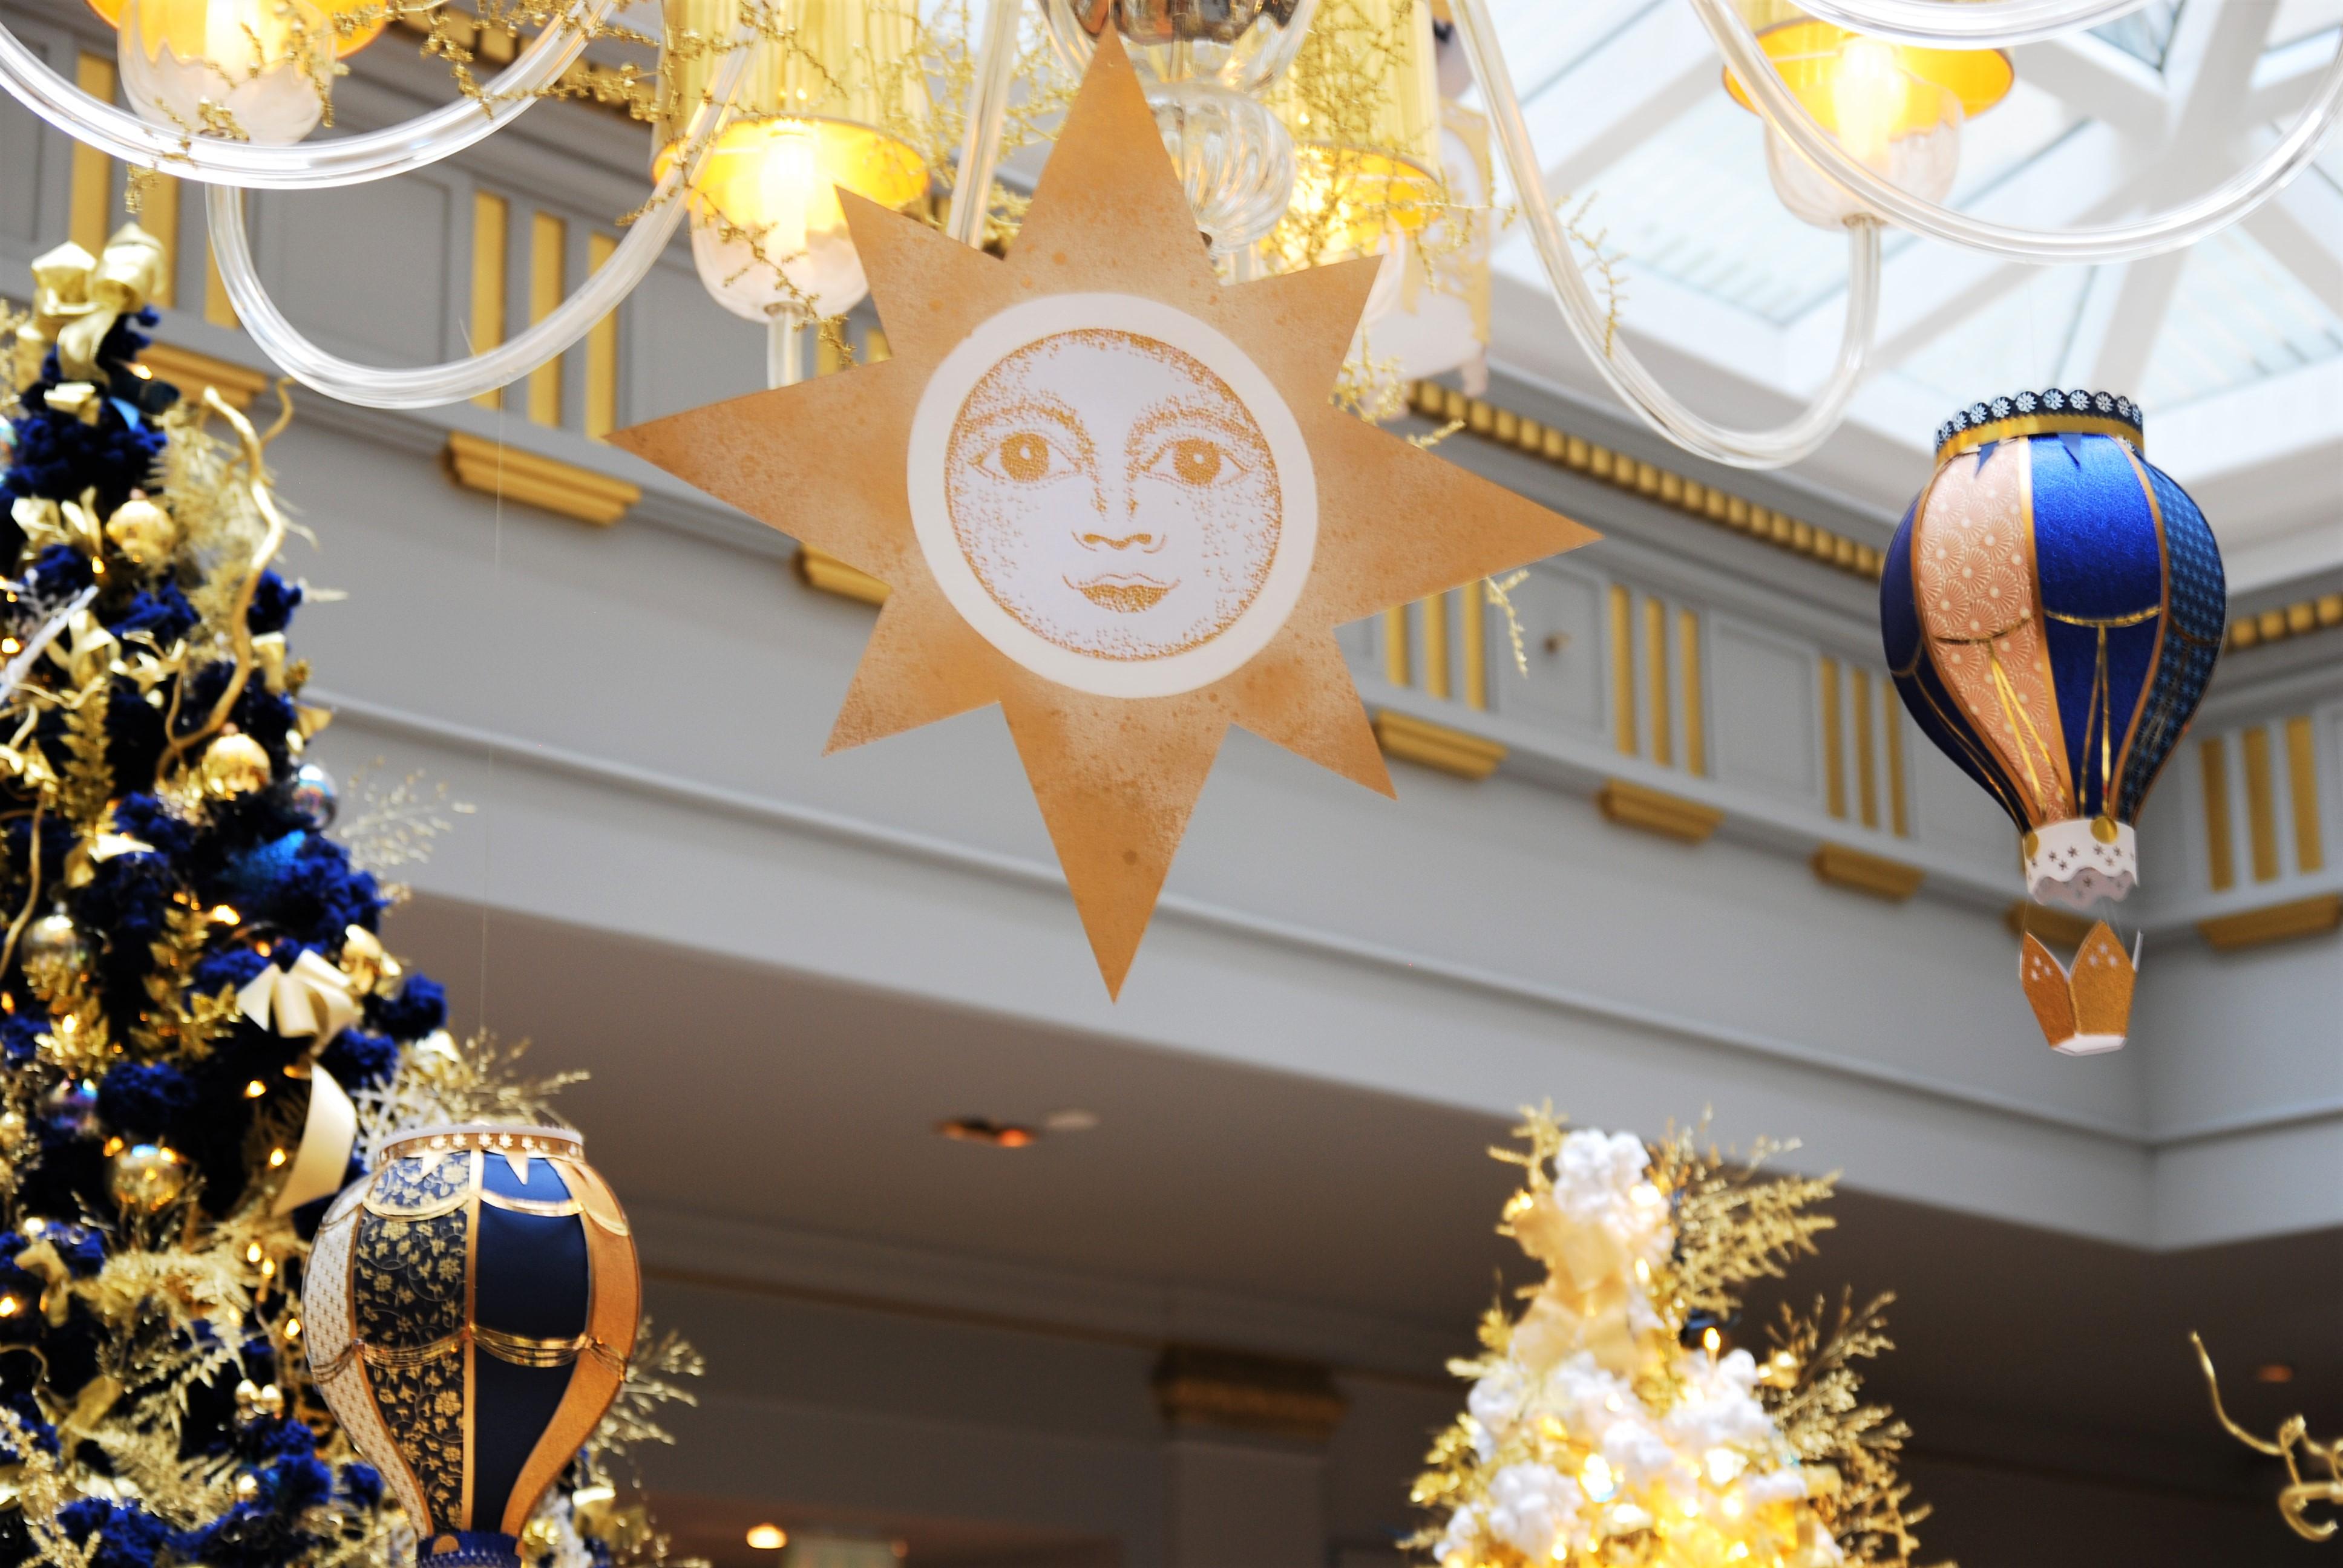 soleil-scenographie-installation-aerienne-montgolfiere-paper-art-creation-pour-hotel-sofitel-paris-le-faubourg-noel-2018-Laure-Devenelle